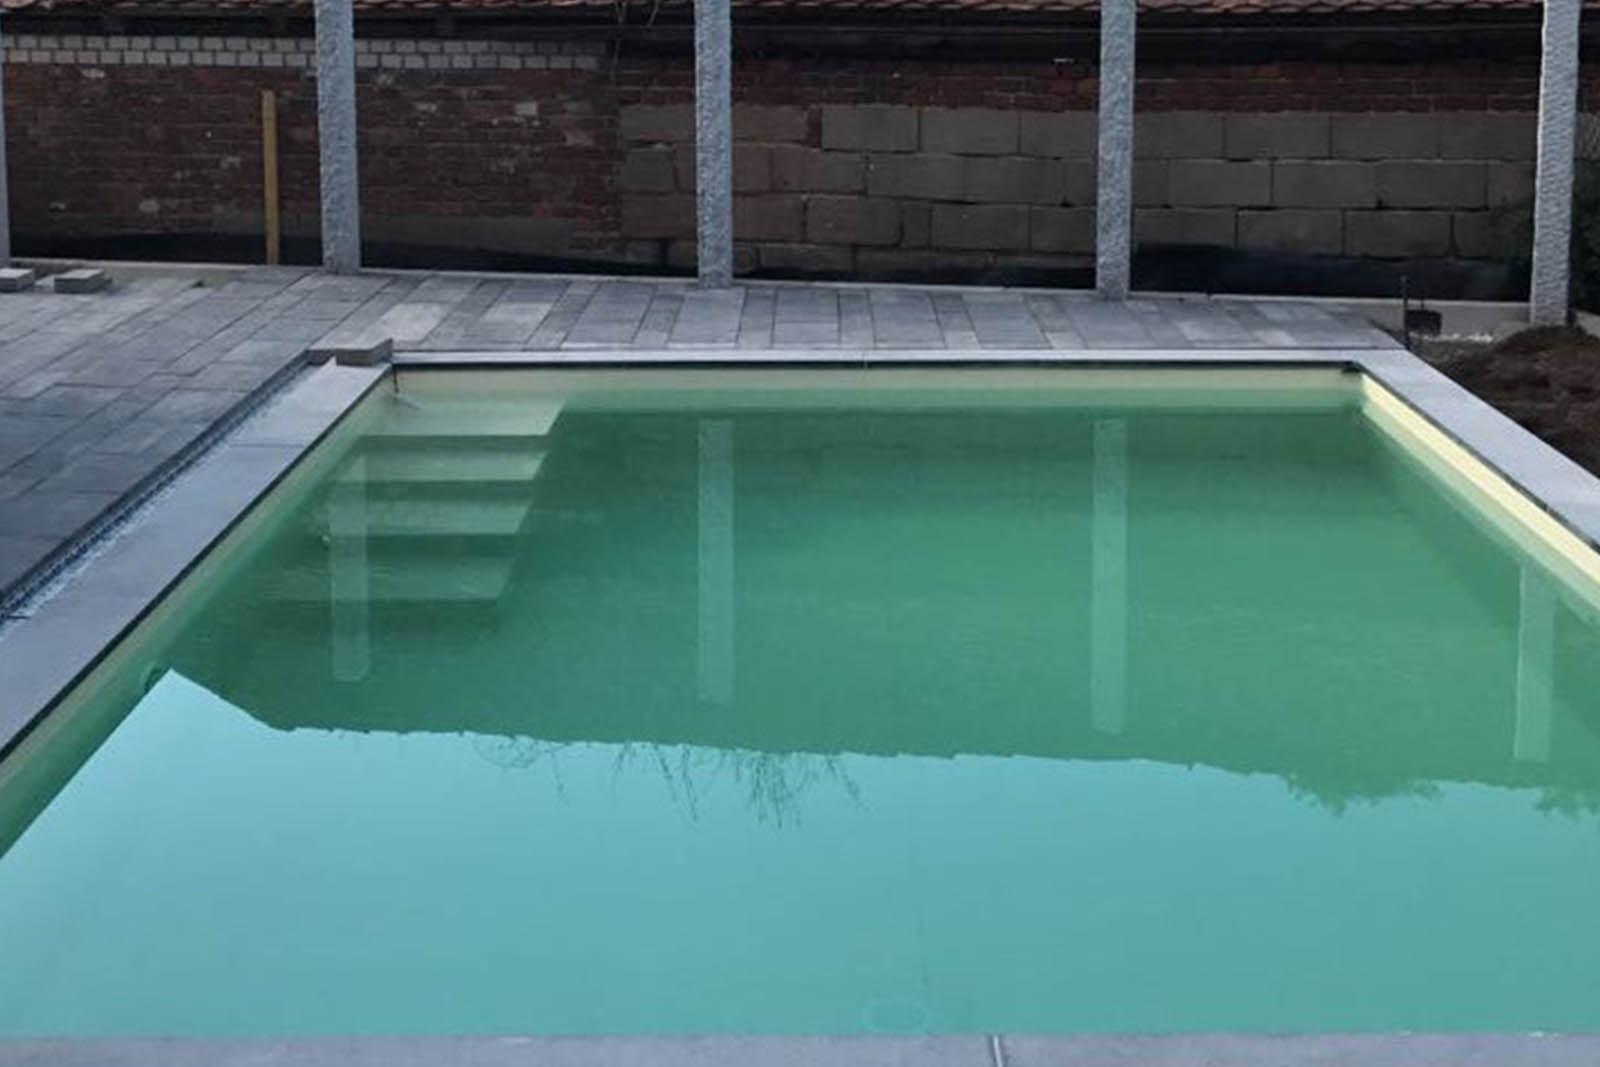 Full Size of Pool Swimmingpool Garten Hotel Fürstenhof Bad Griesbach Sichtschutz Für Fenster Moderne Bilder Fürs Wohnzimmer Stapelstühle Wellness Baden Württemberg Garten Schwimmingpool Für Den Garten